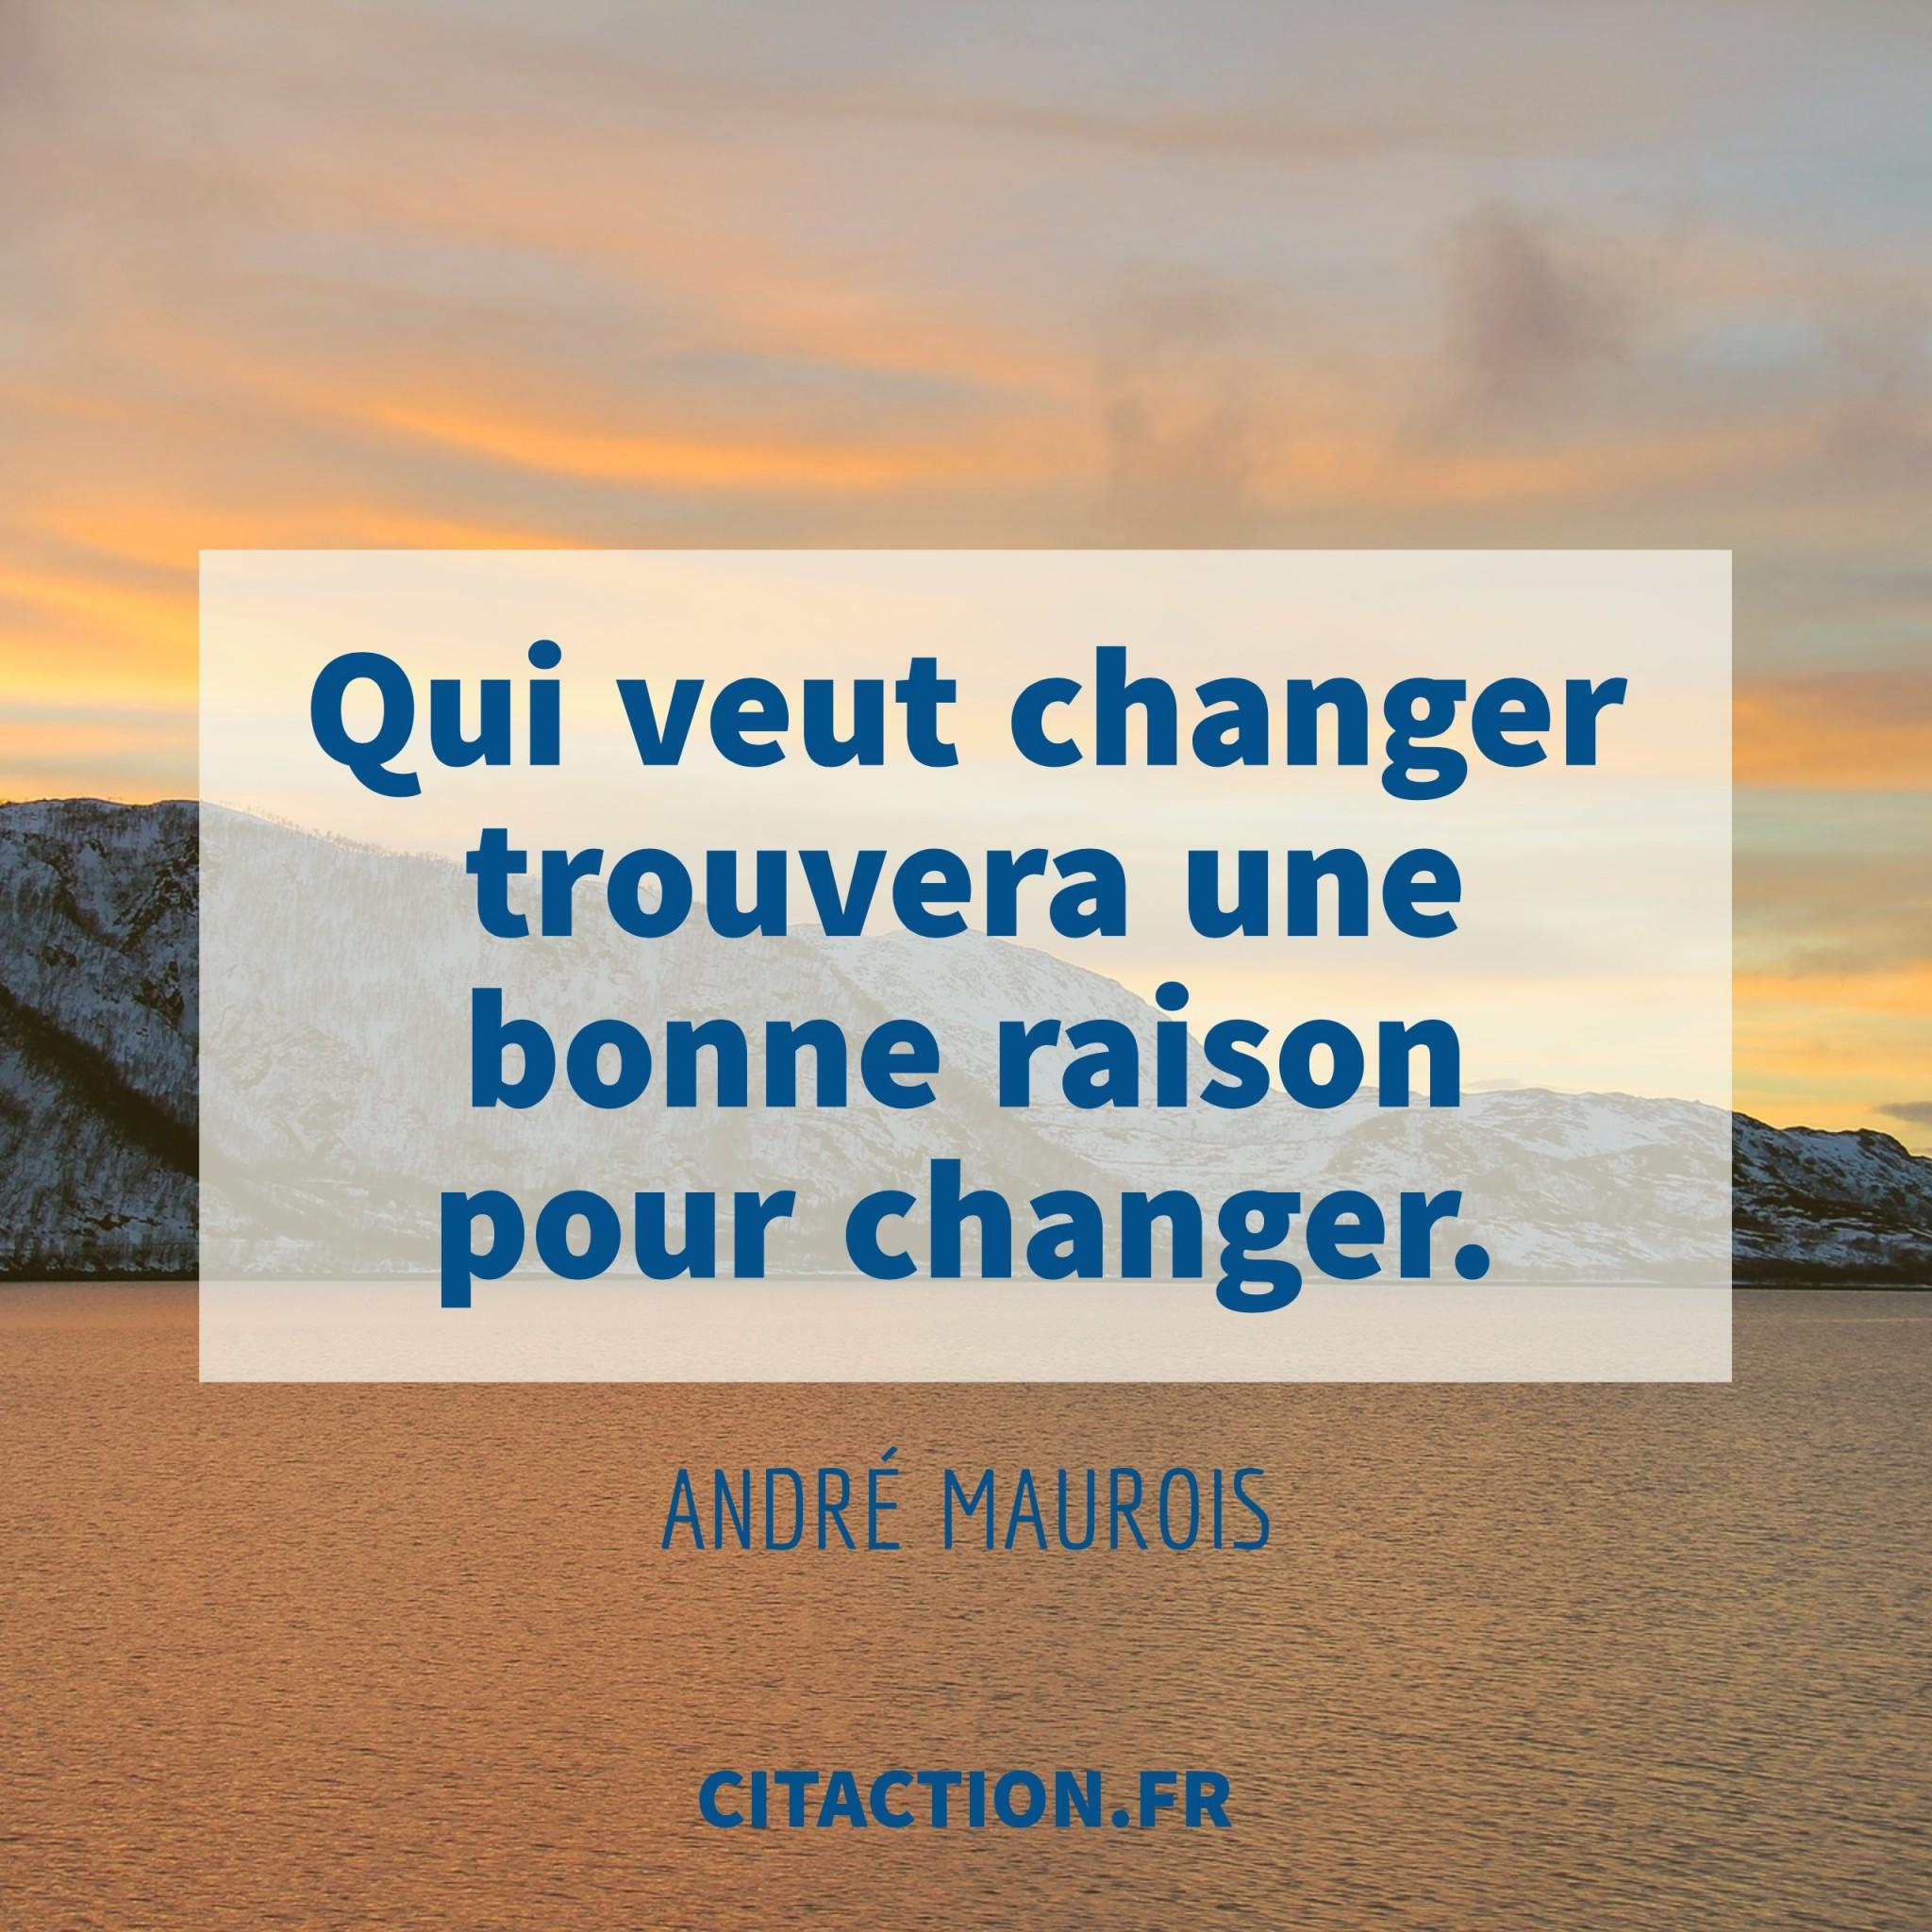 Qui veut changer trouvera une bonne raison pour changer